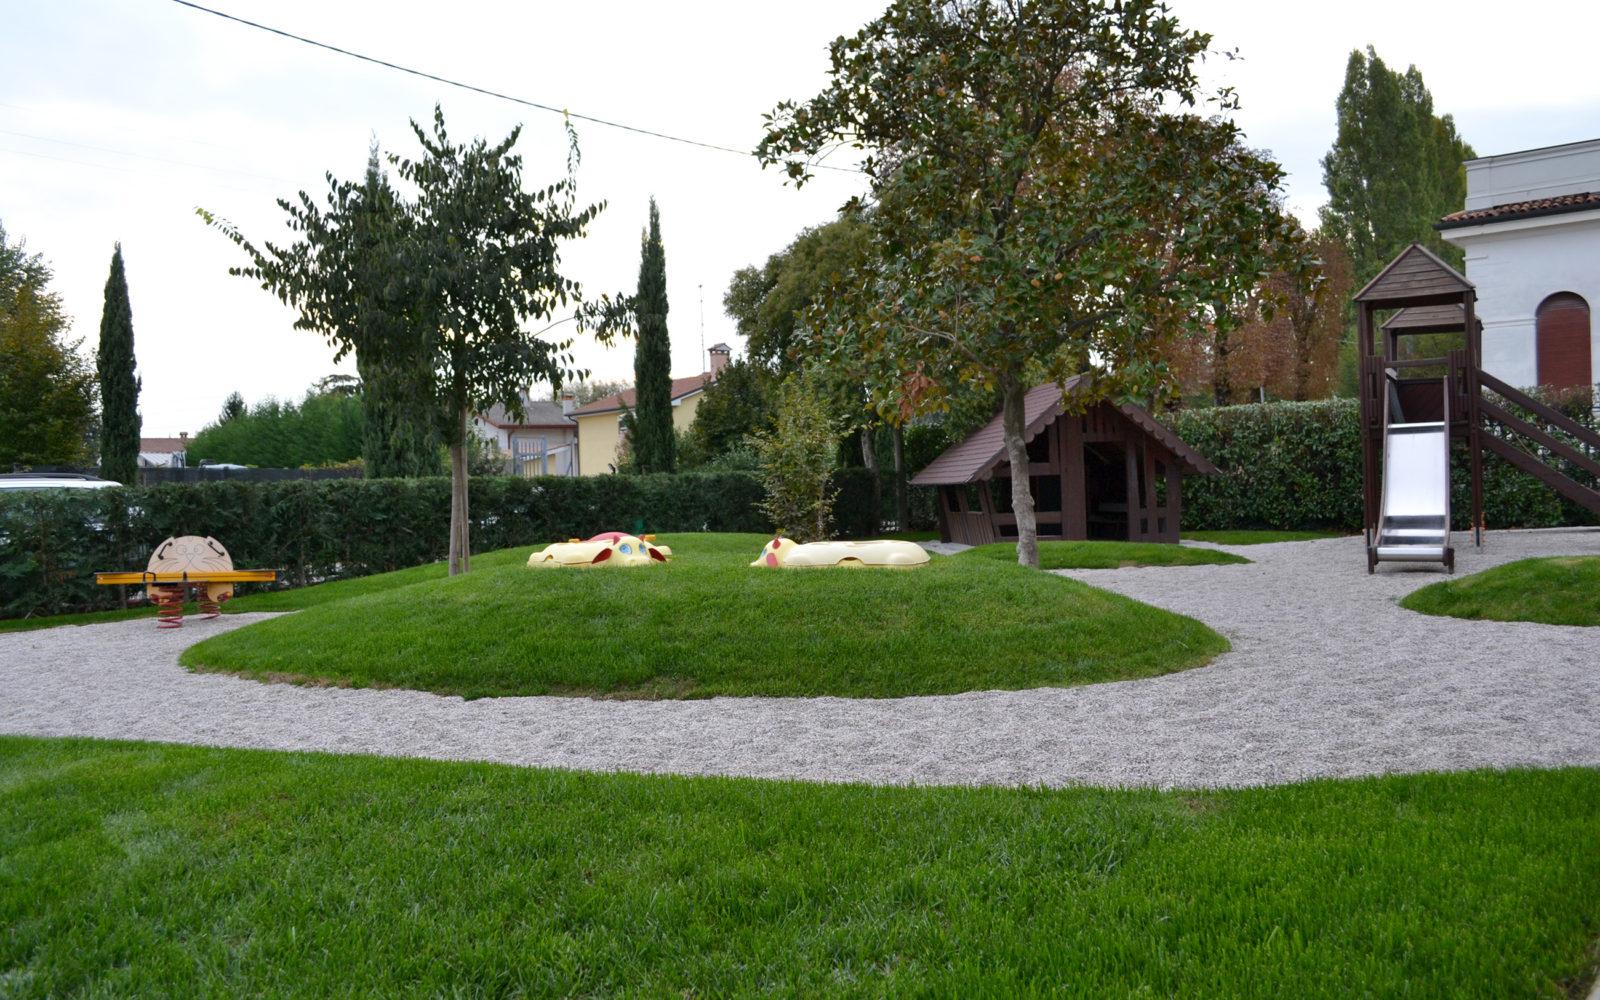 giardino ludico della scuola materna Pio X a Lancenigo di Villorba - 2